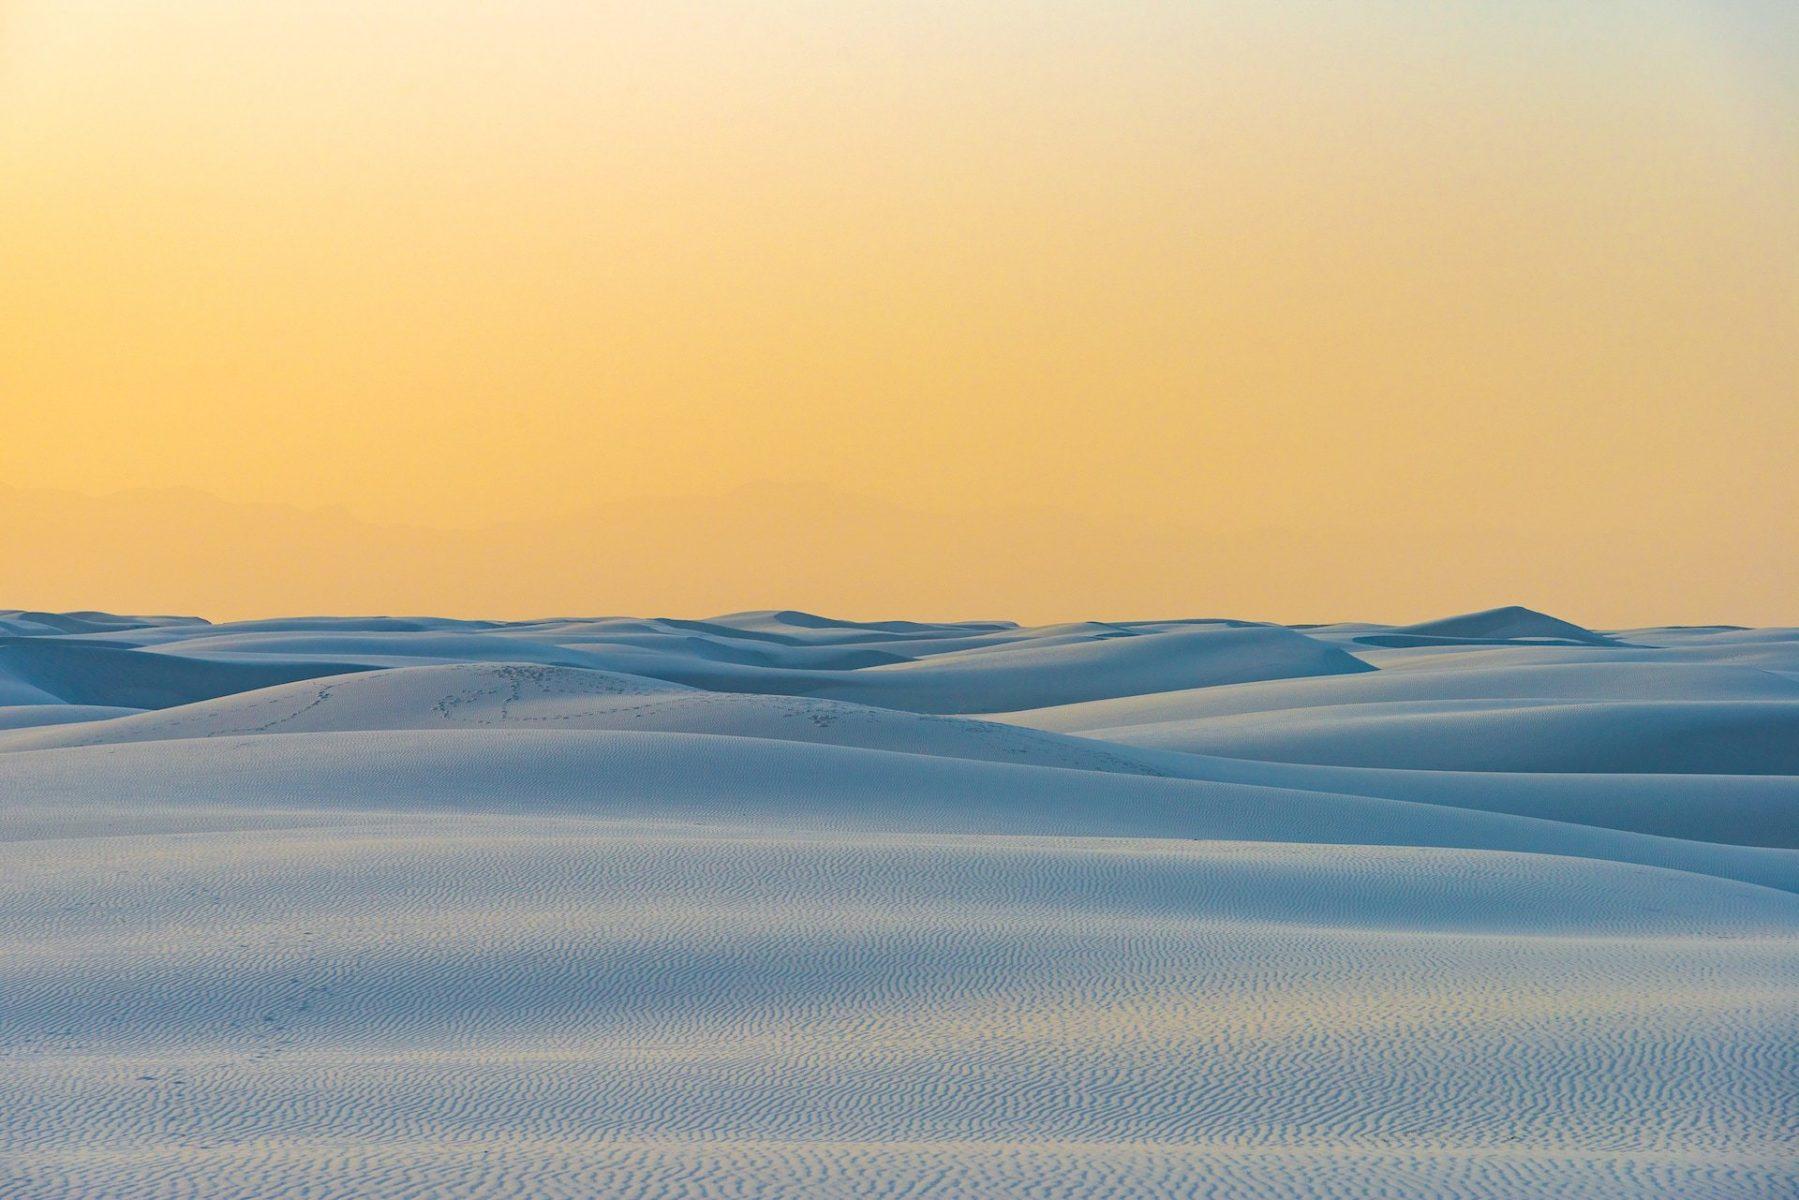 Detlev Schwabe: Emptiness White Sands